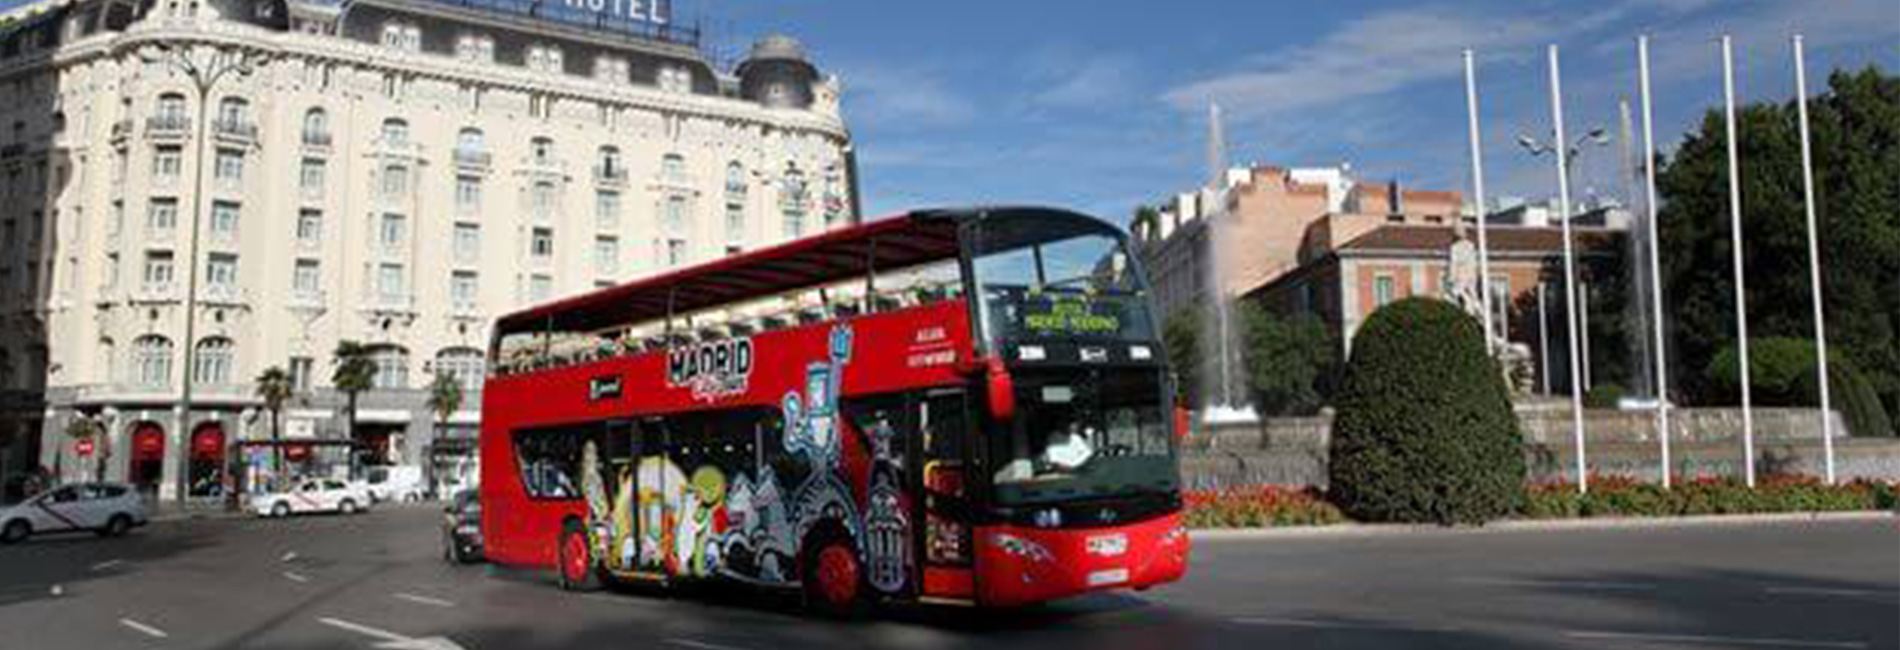 Hop on hop off bus Madrid